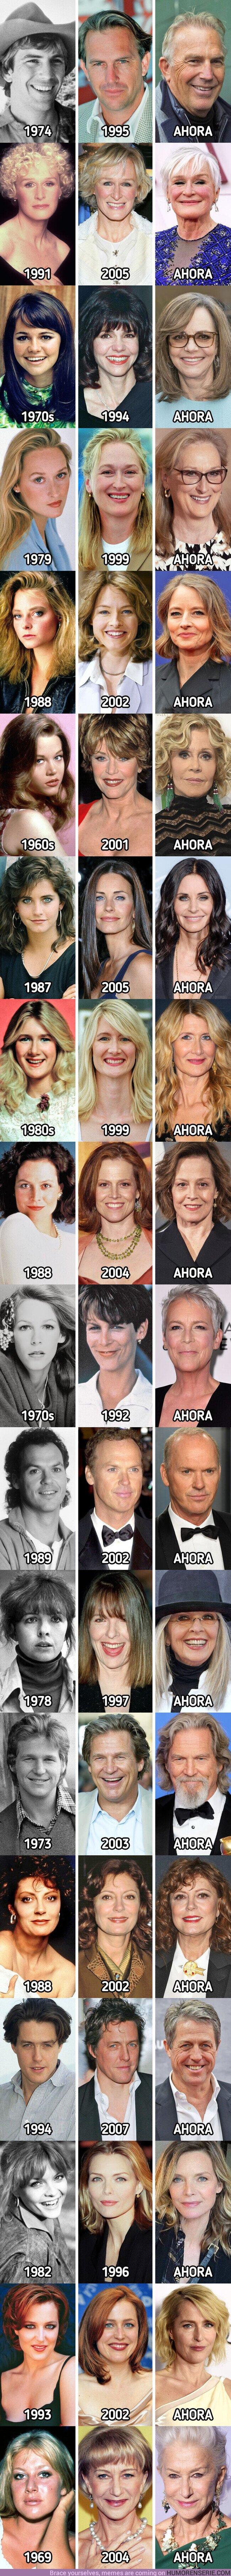 73801 - GALERÍA: 18 actrices que deslumbraron con su belleza en cada paso del envejecimiento